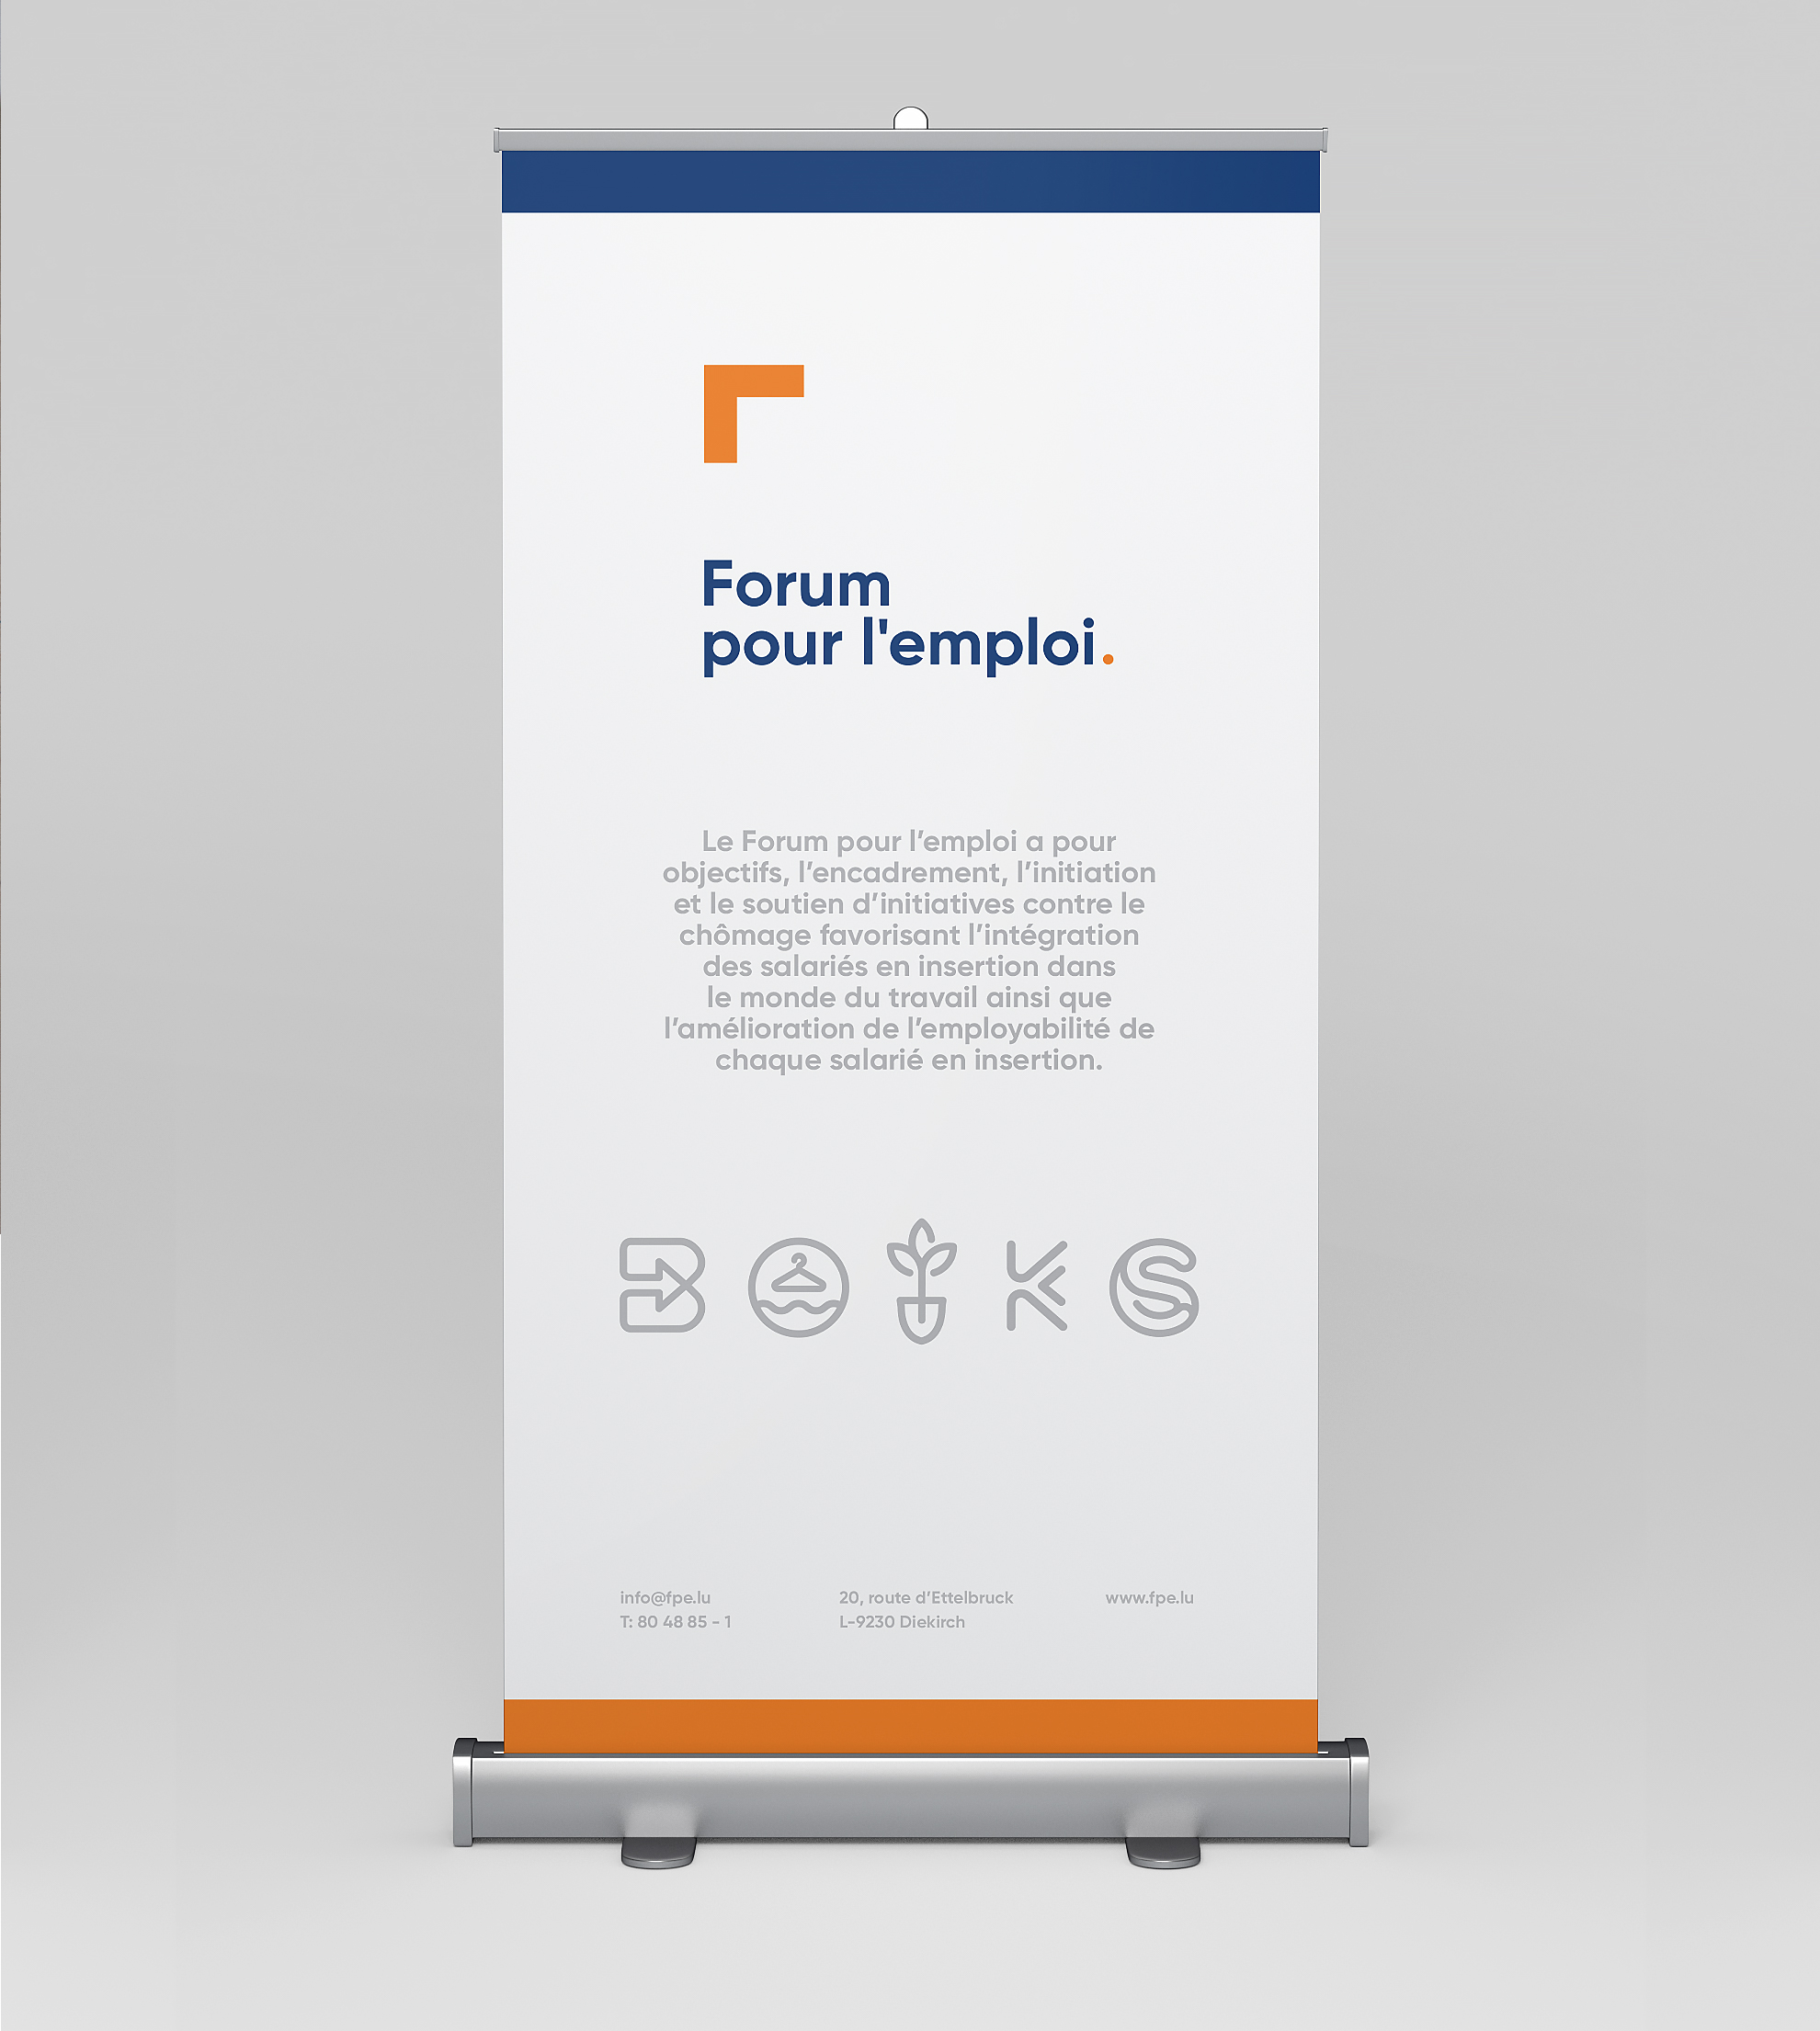 Forum pour l'emploi roll-up